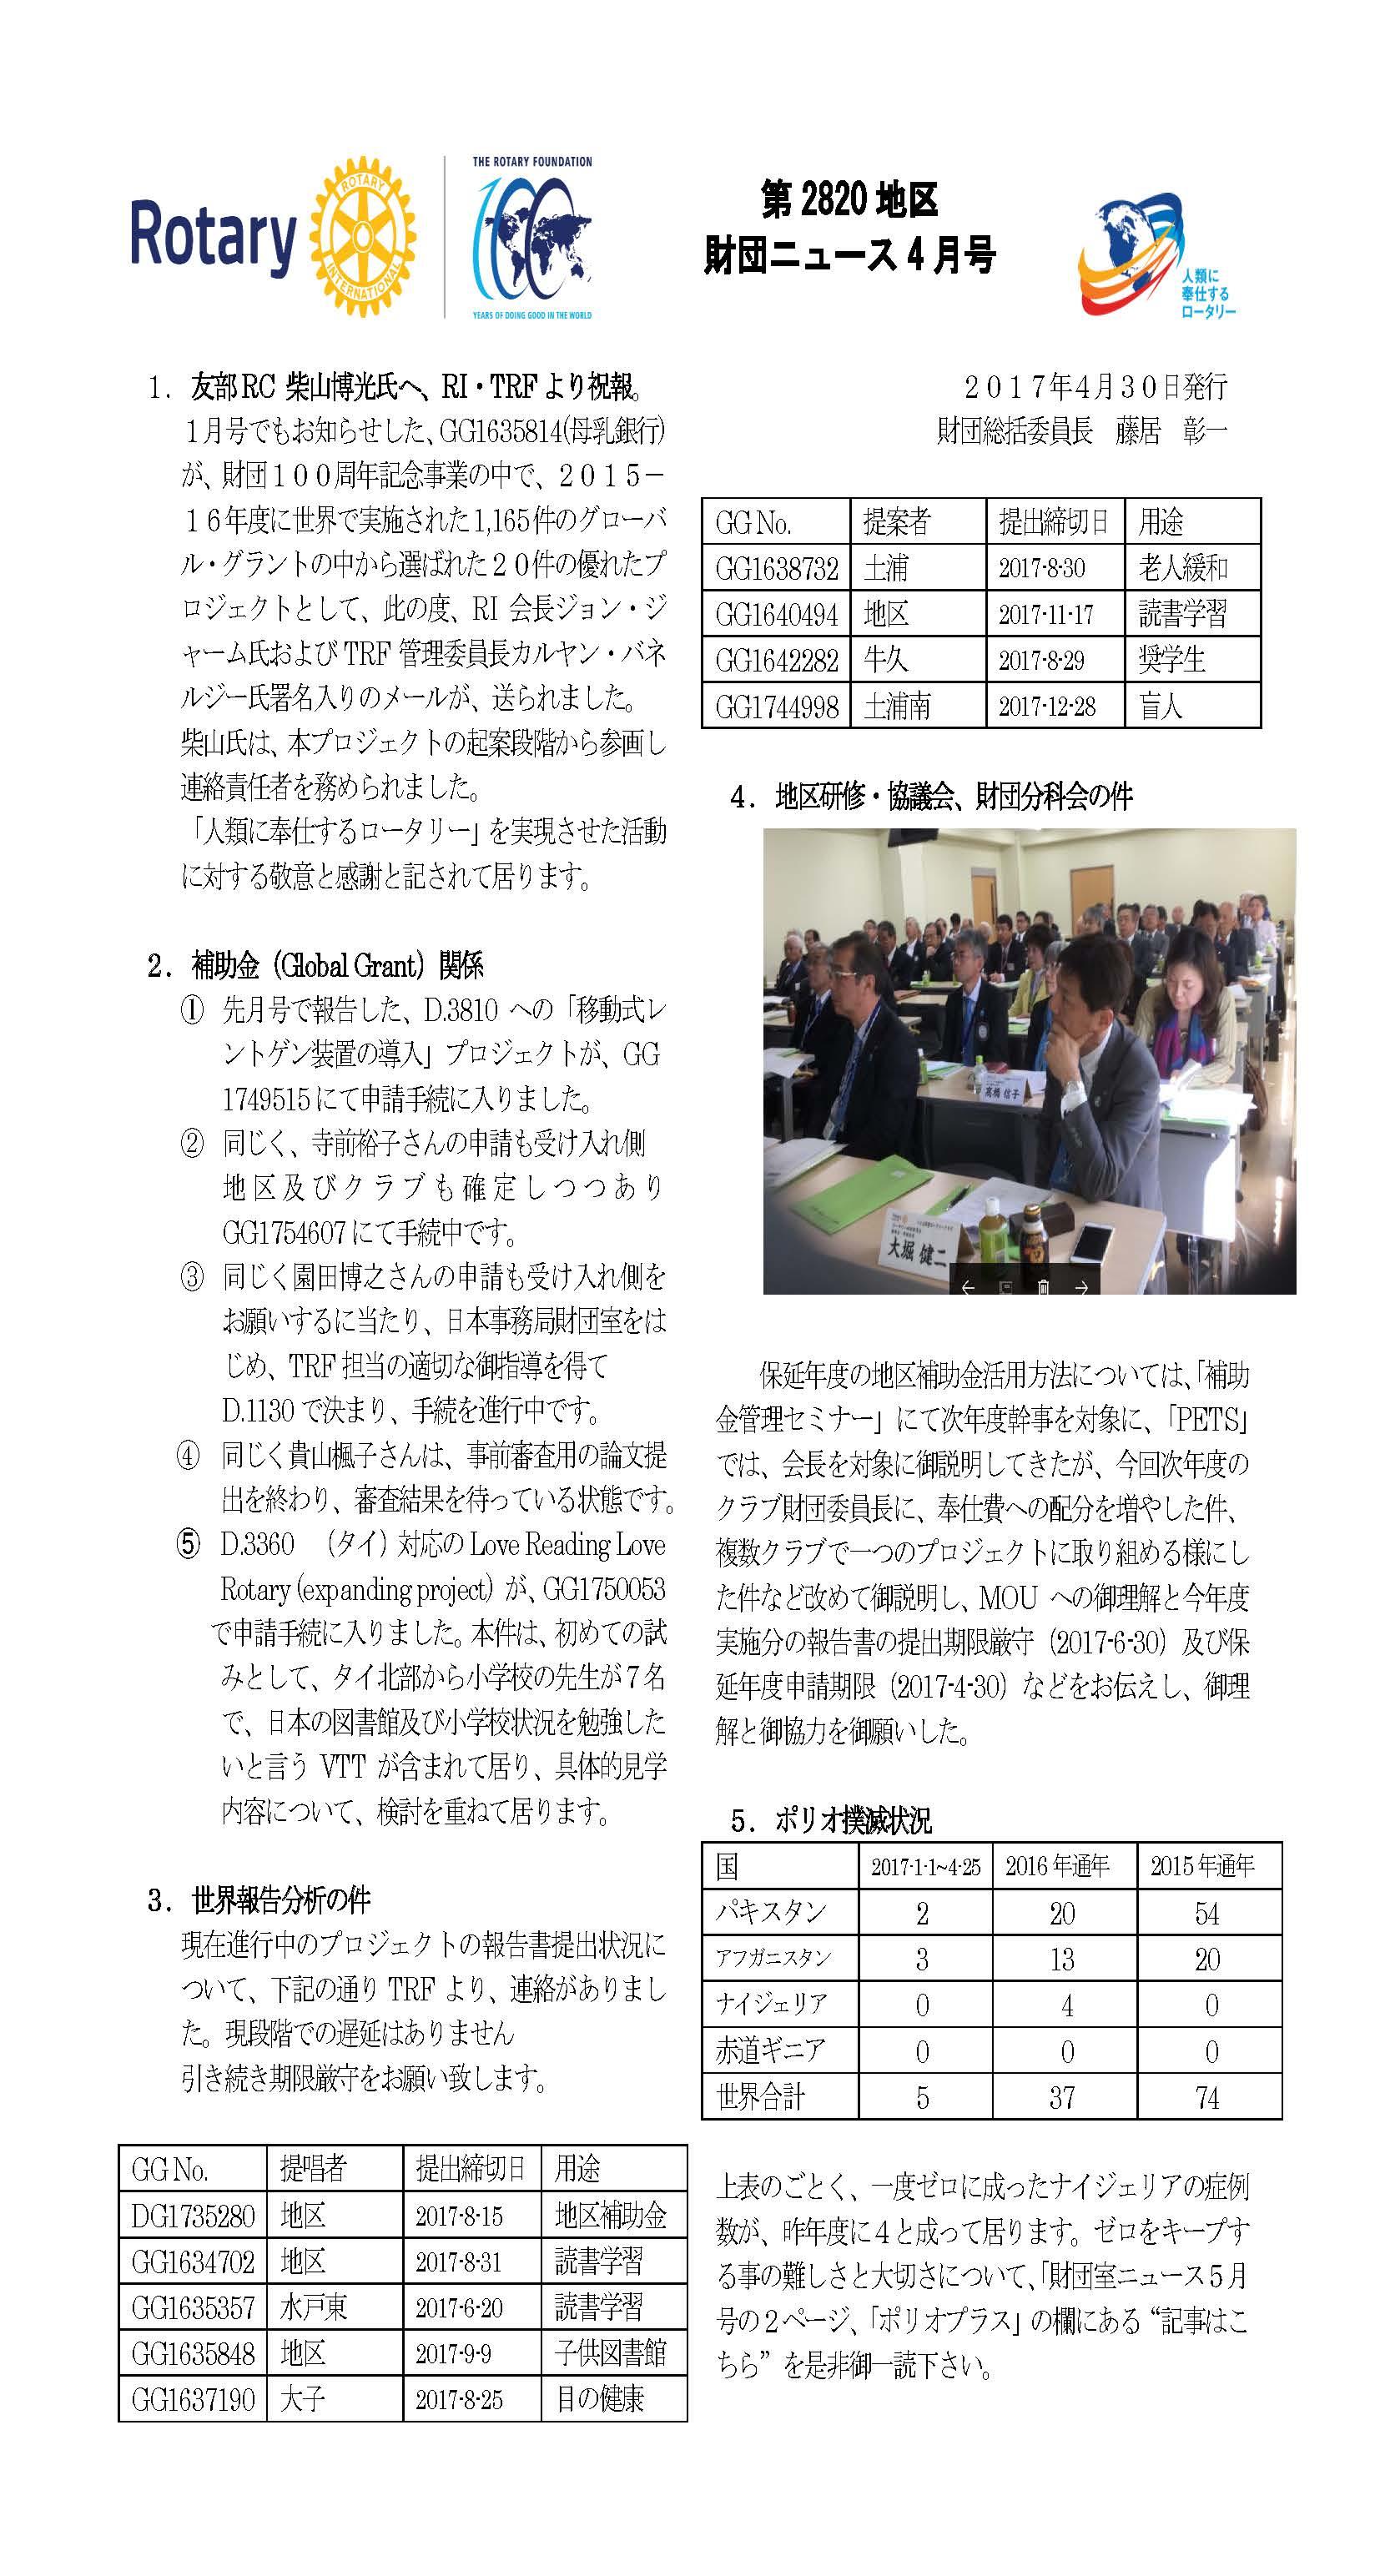 rid-fond-news-201705